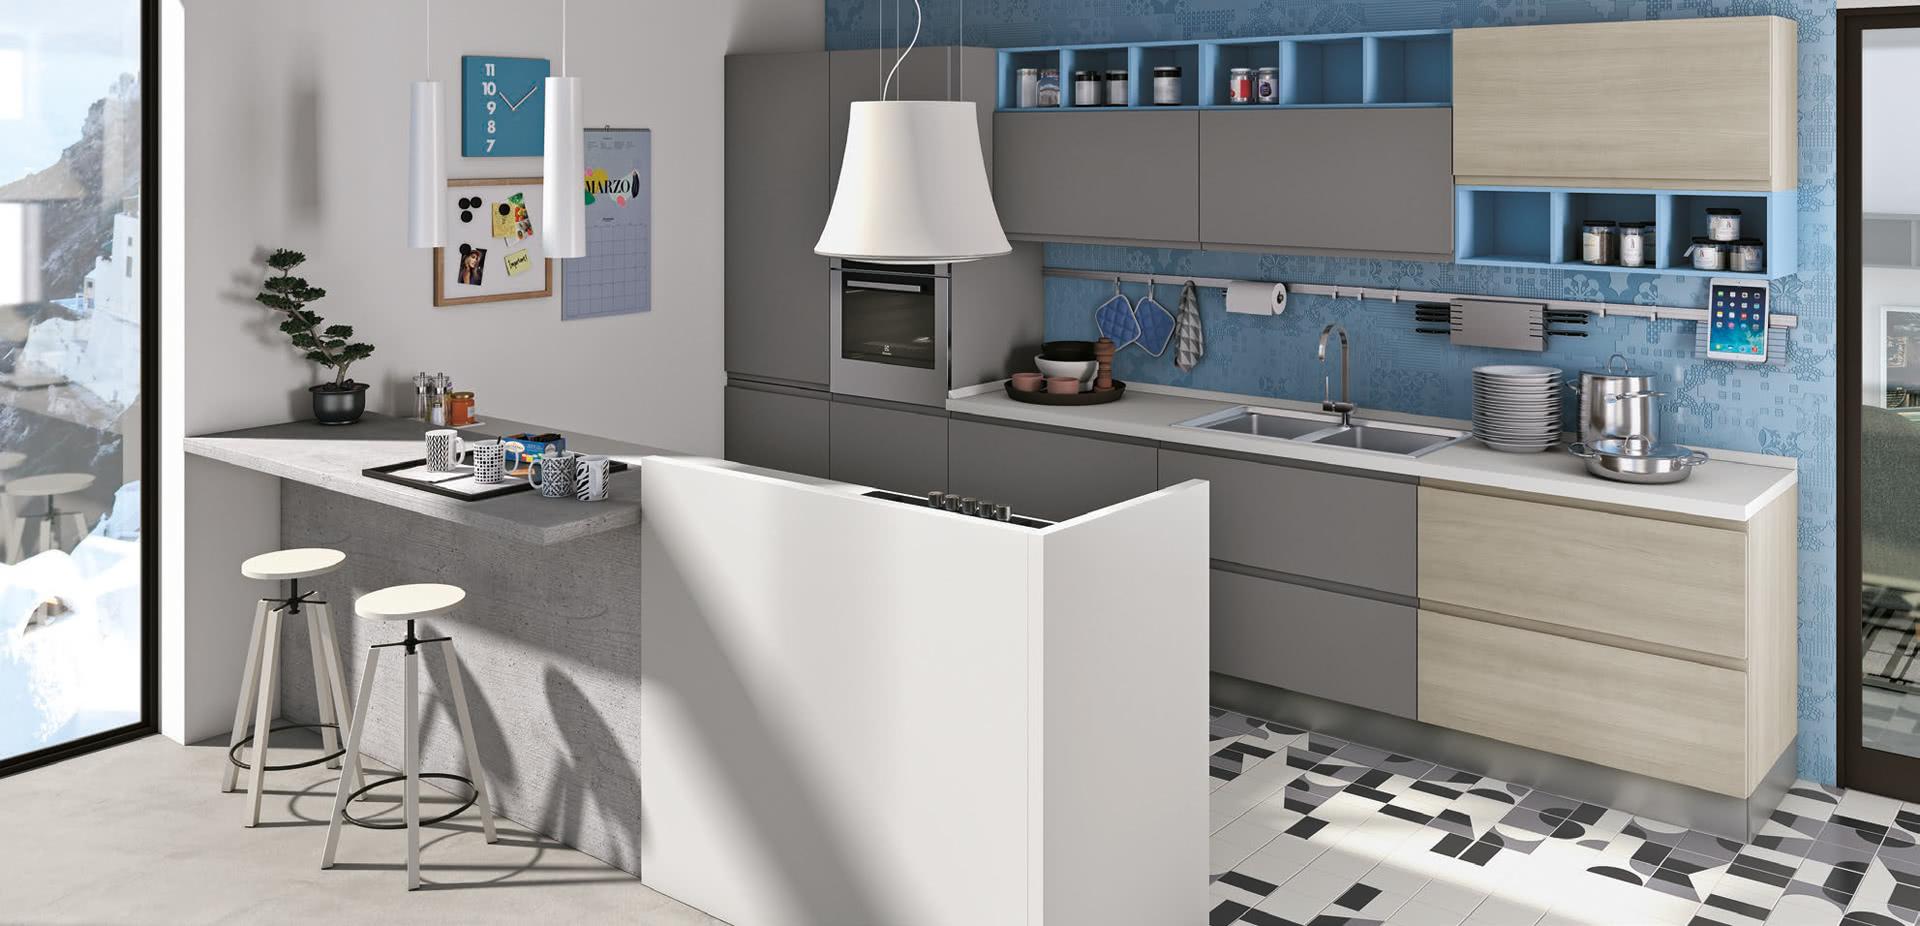 1529_jey-cucina-ambientata-13